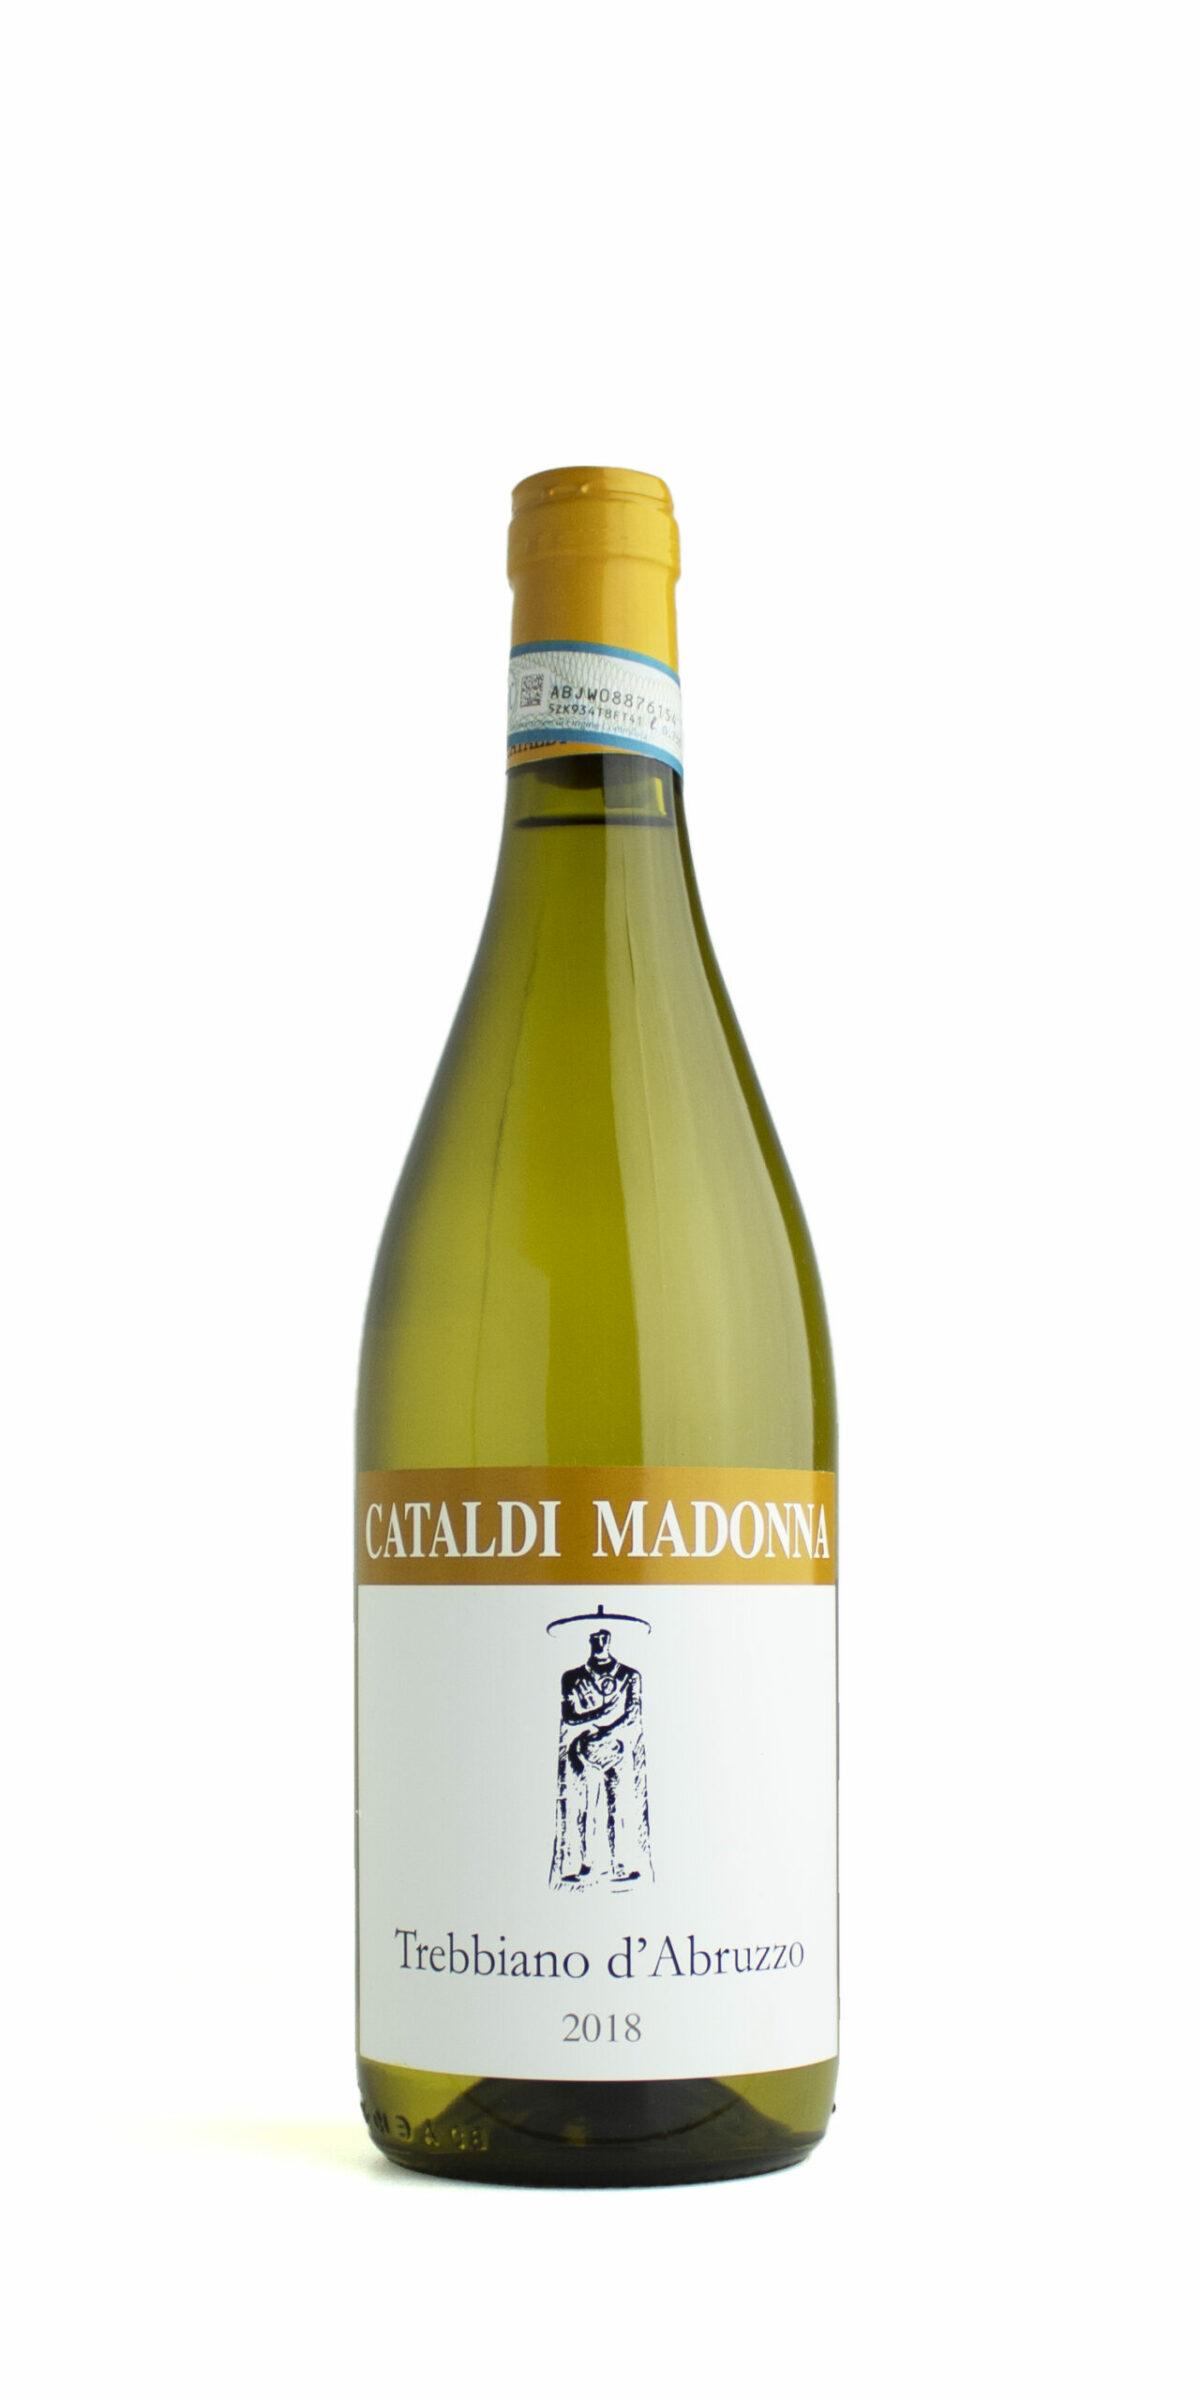 Cataldi Madonna Trebbiano d'Abruzzo 2018